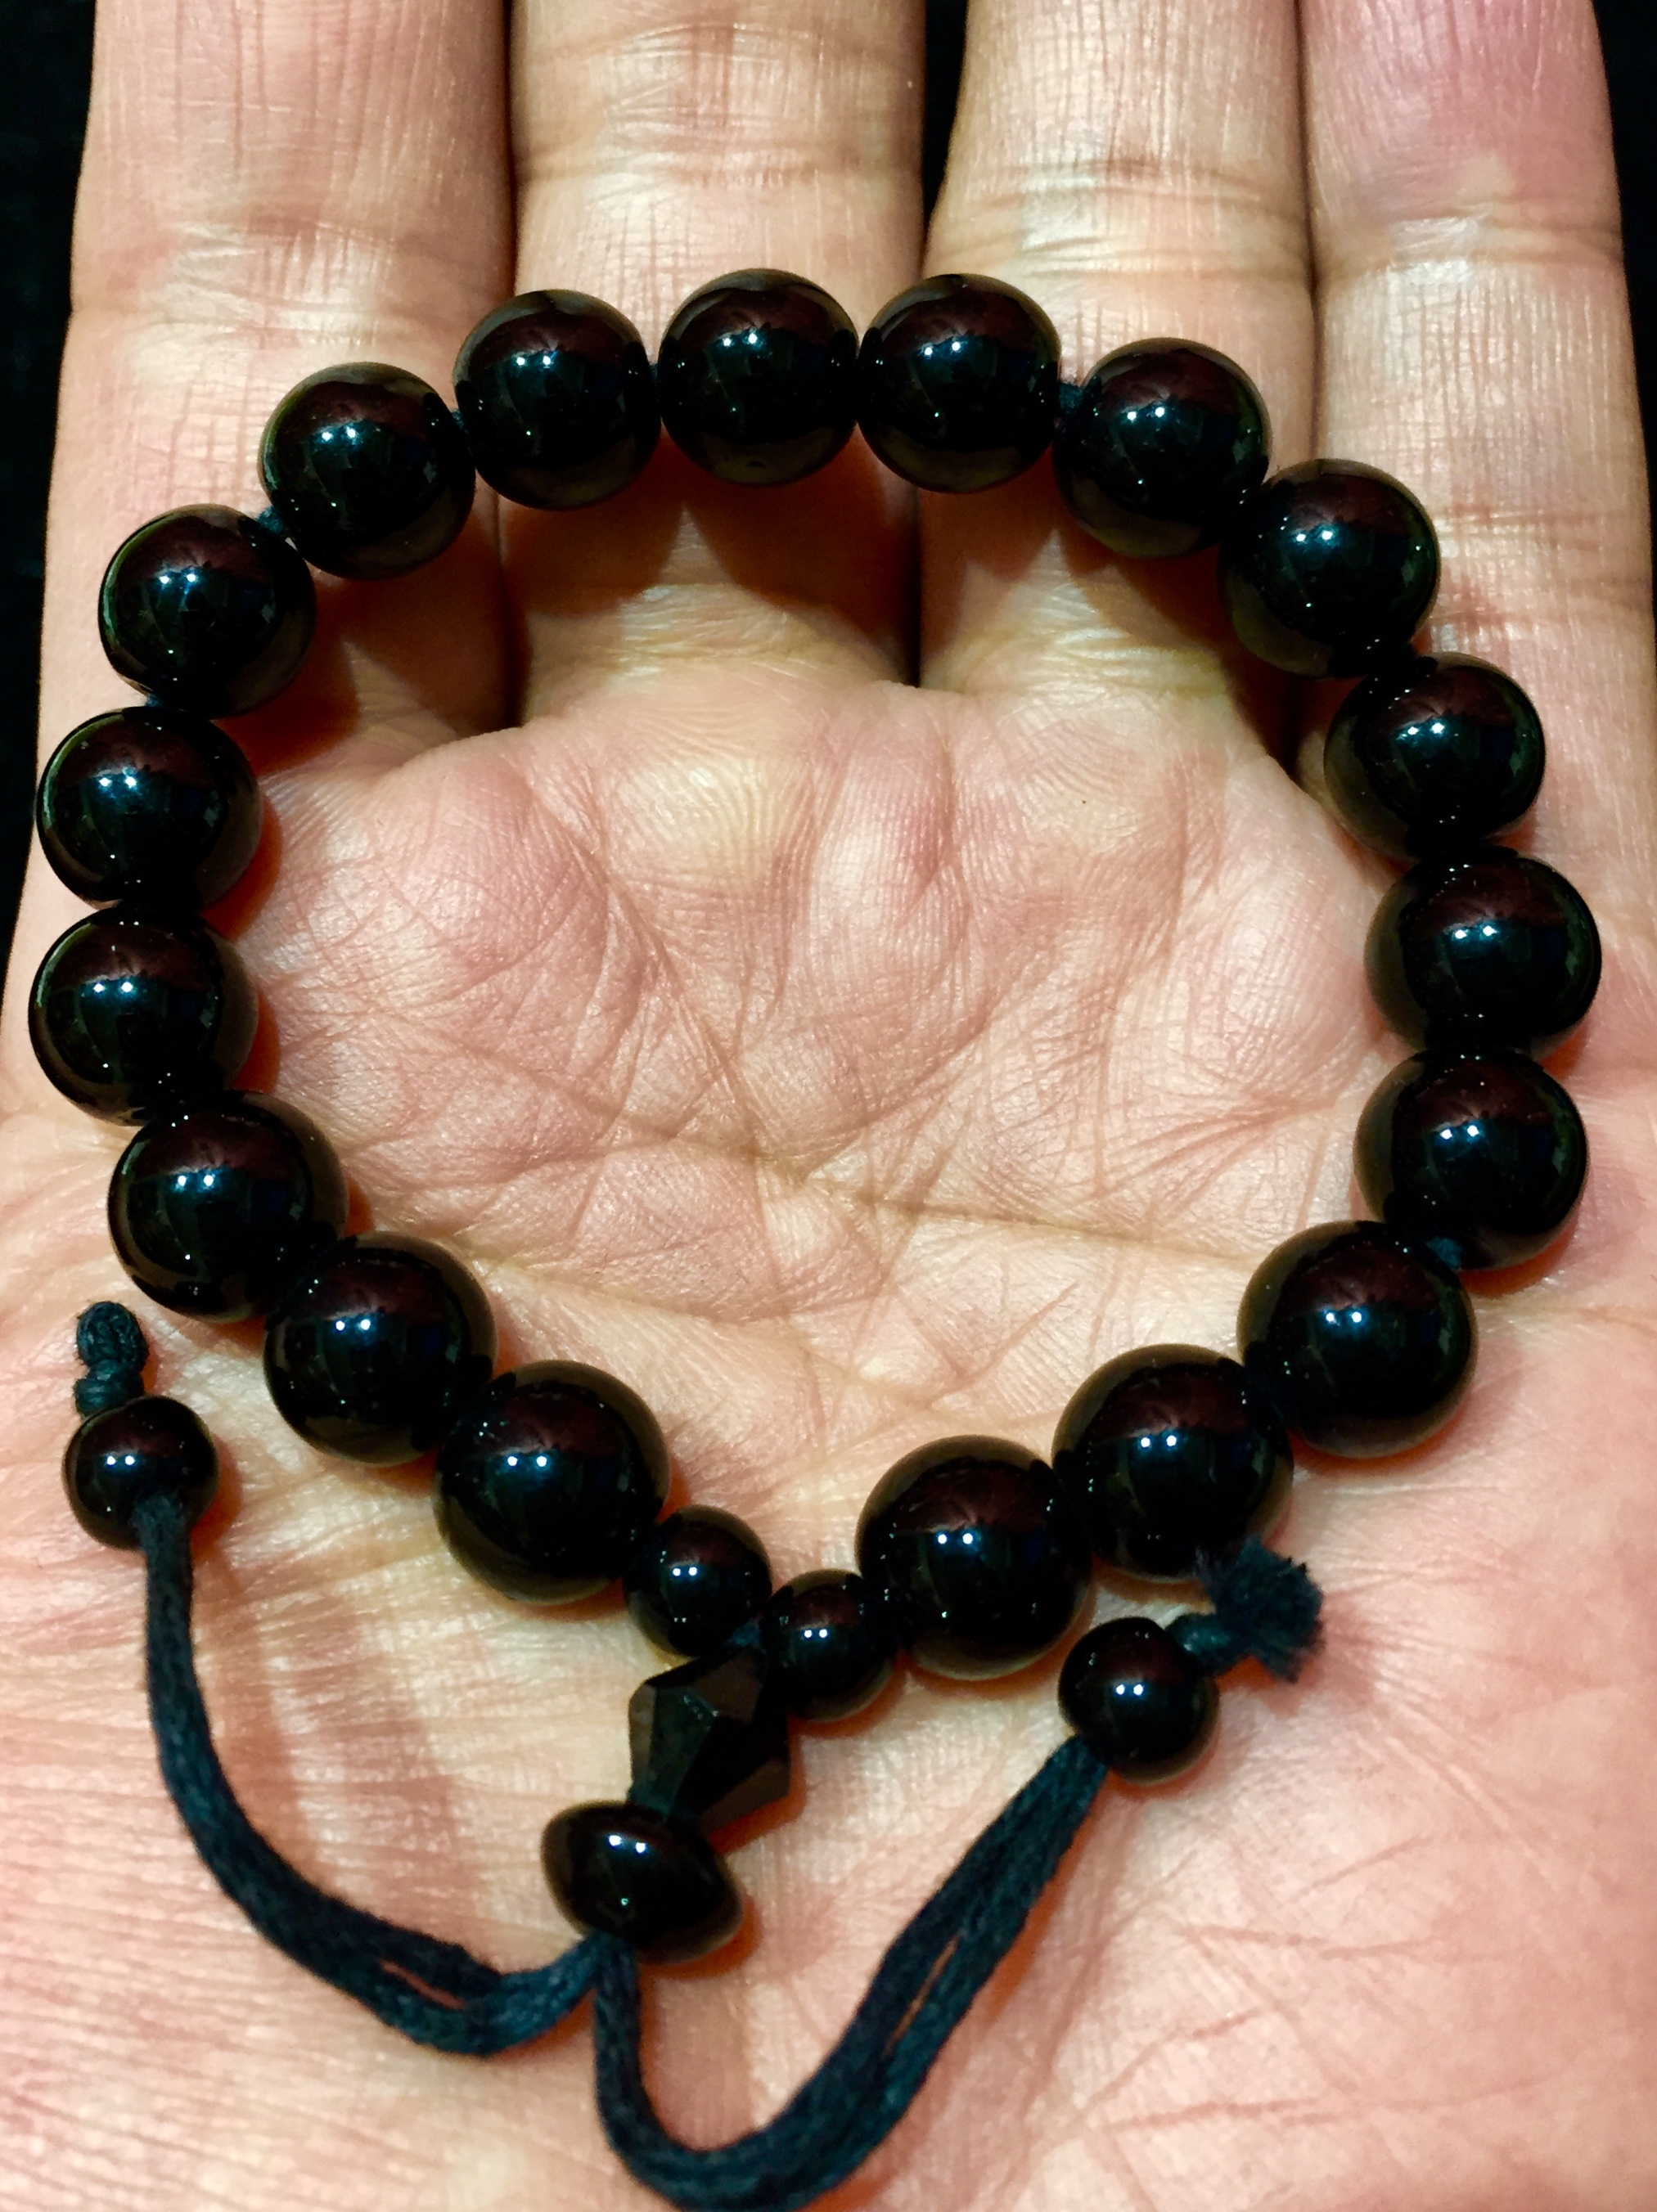 3) ブラックジェイド・ブレスレット(インドネシア産黒翡翠)